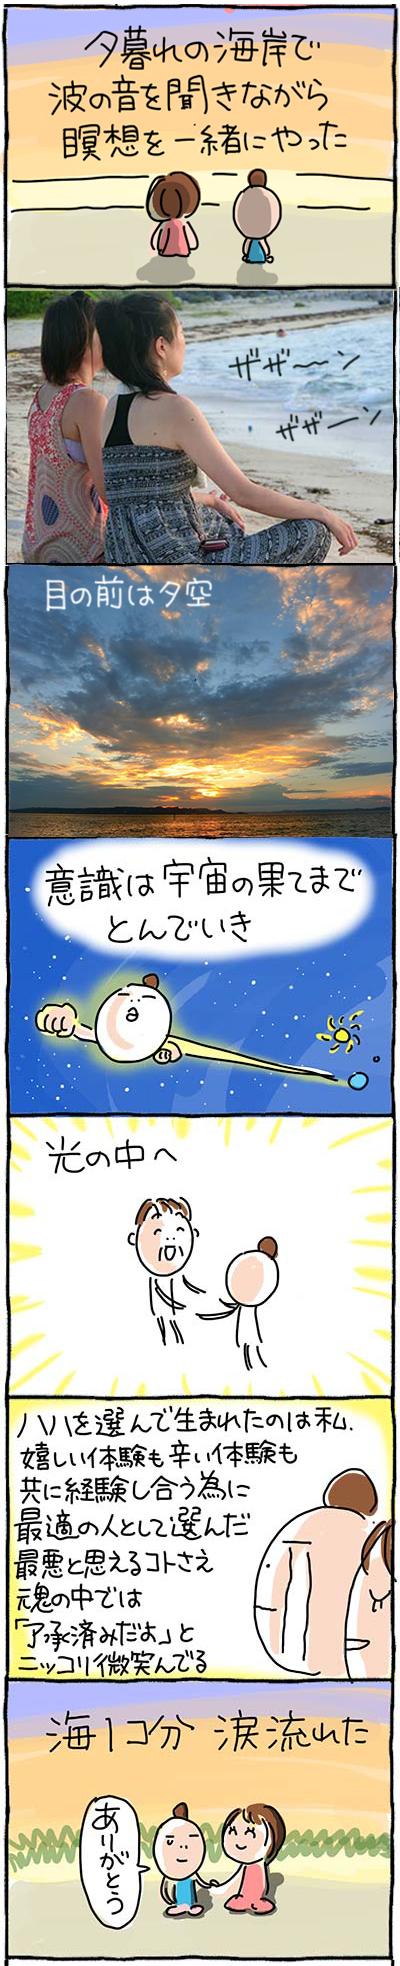 170808沖縄05